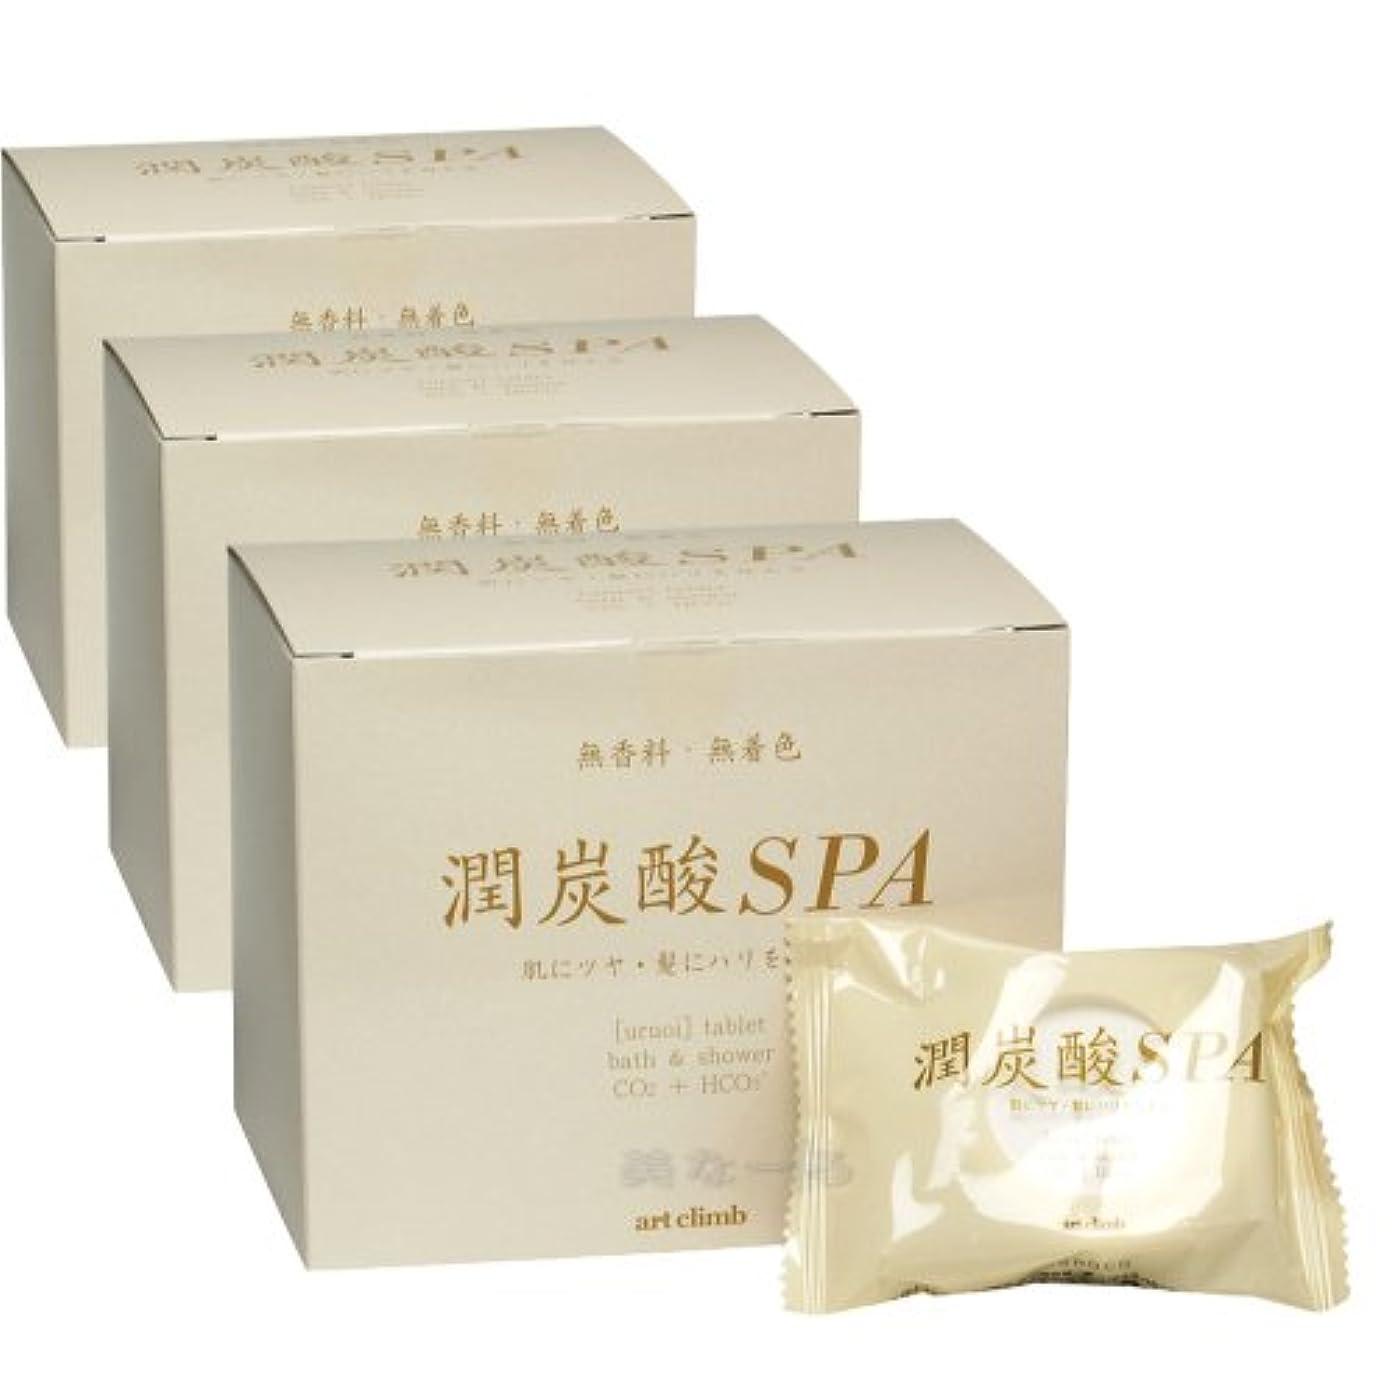 無しスリッパうれしい潤炭酸SPA(うるおい炭酸SPA) 60g×10錠入 3個セット